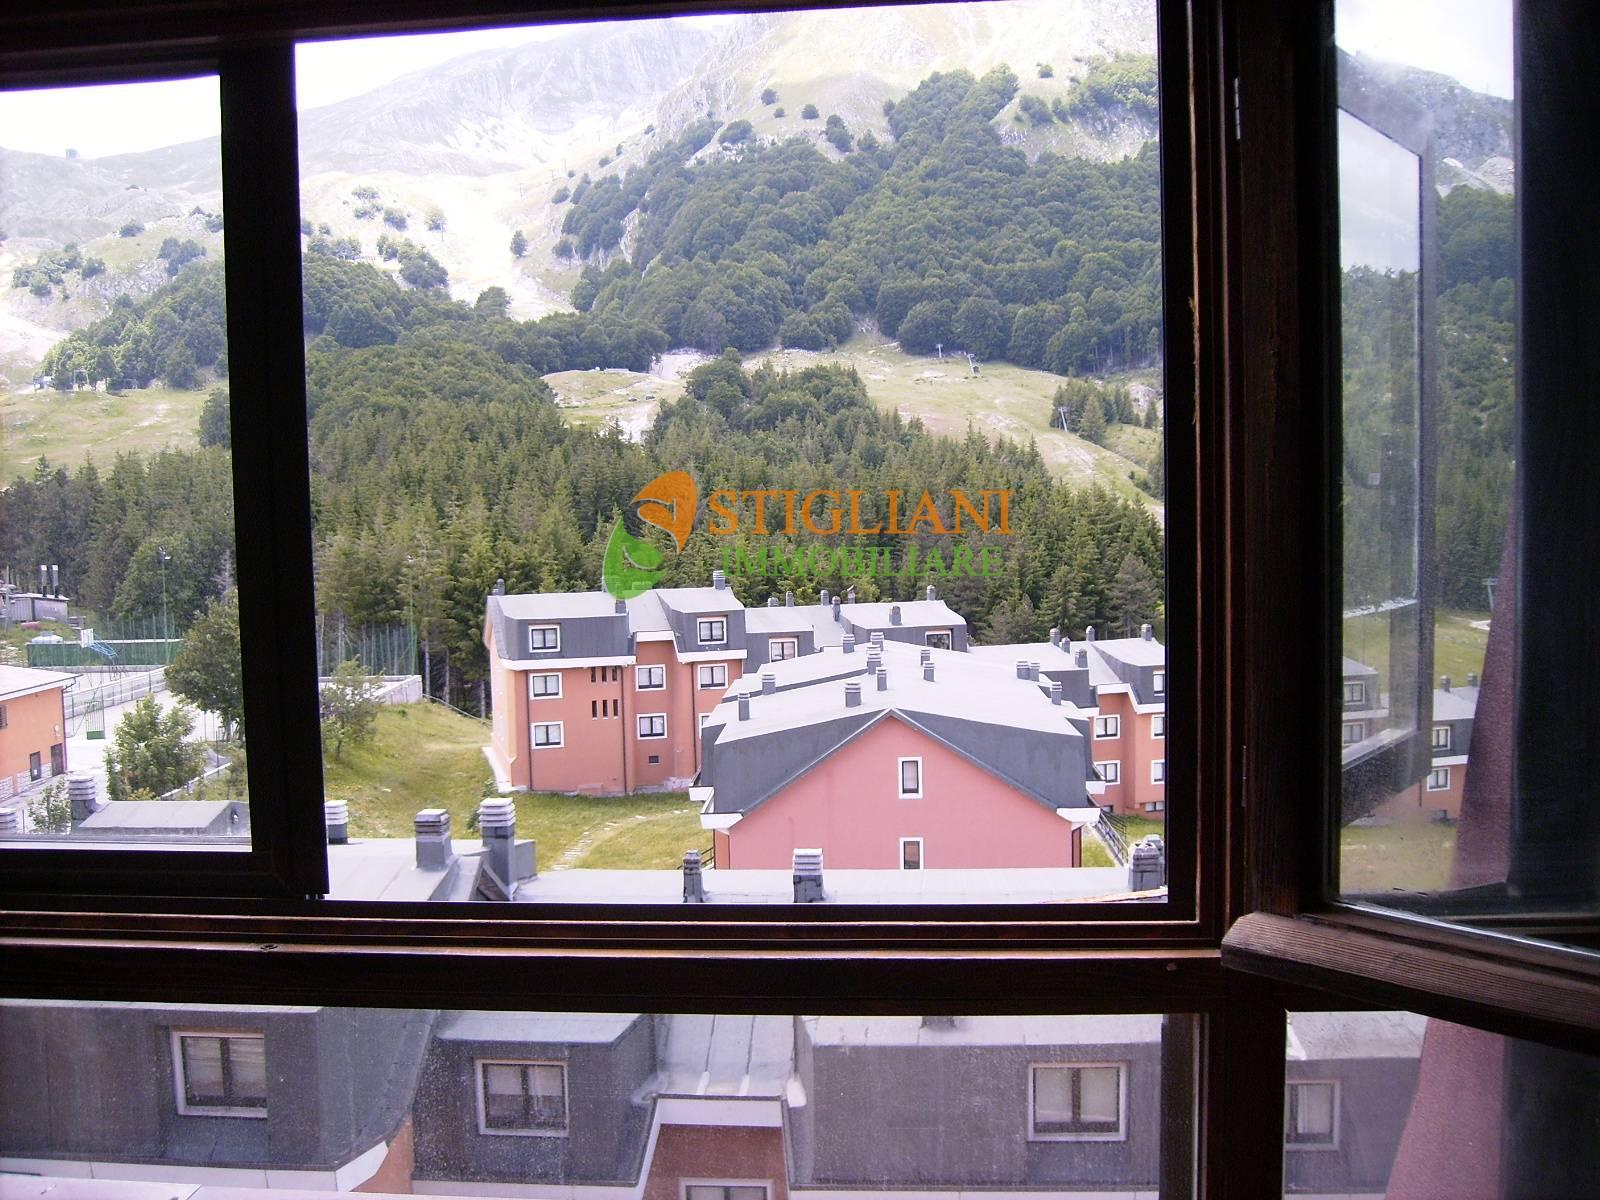 Appartamento in vendita a San Massimo, 3 locali, zona Località: S.Nicola, prezzo € 75.000 | CambioCasa.it